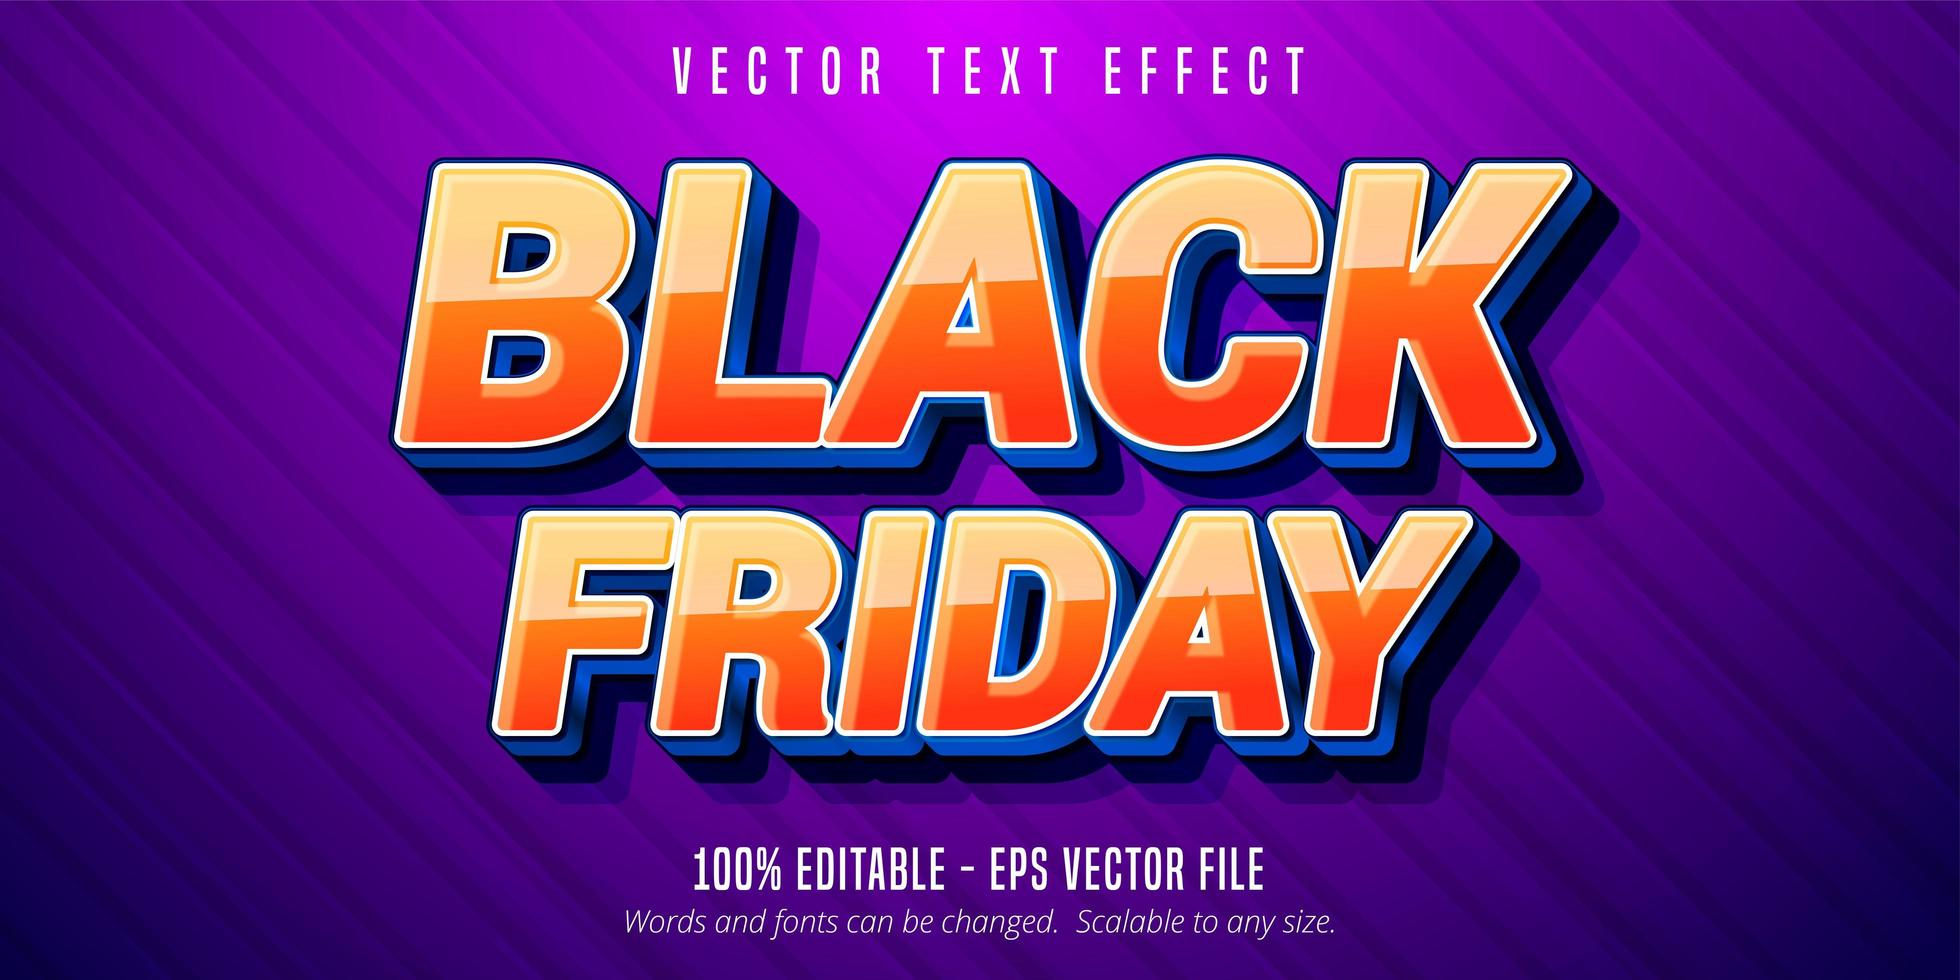 effet de texte modifiable de style dessin animé vendredi noir vecteur